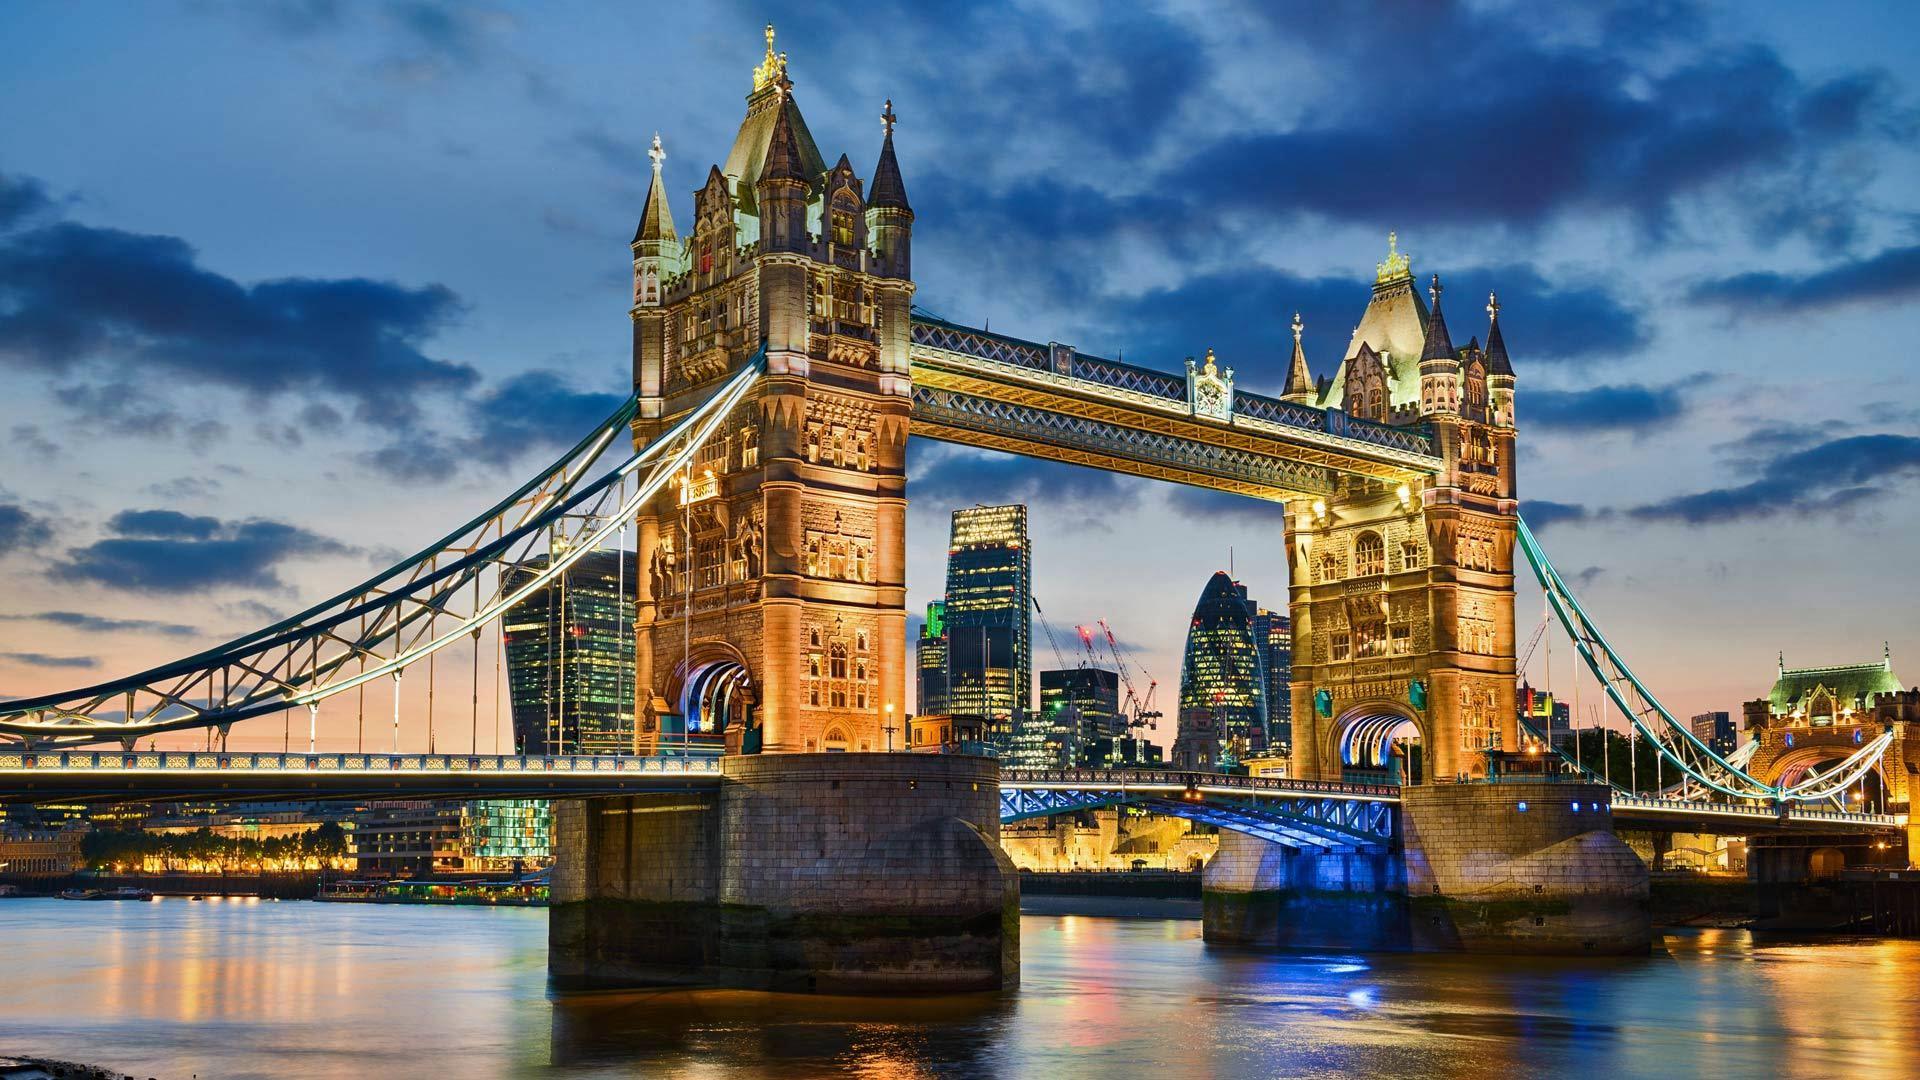 象征着伦敦正门的塔桥